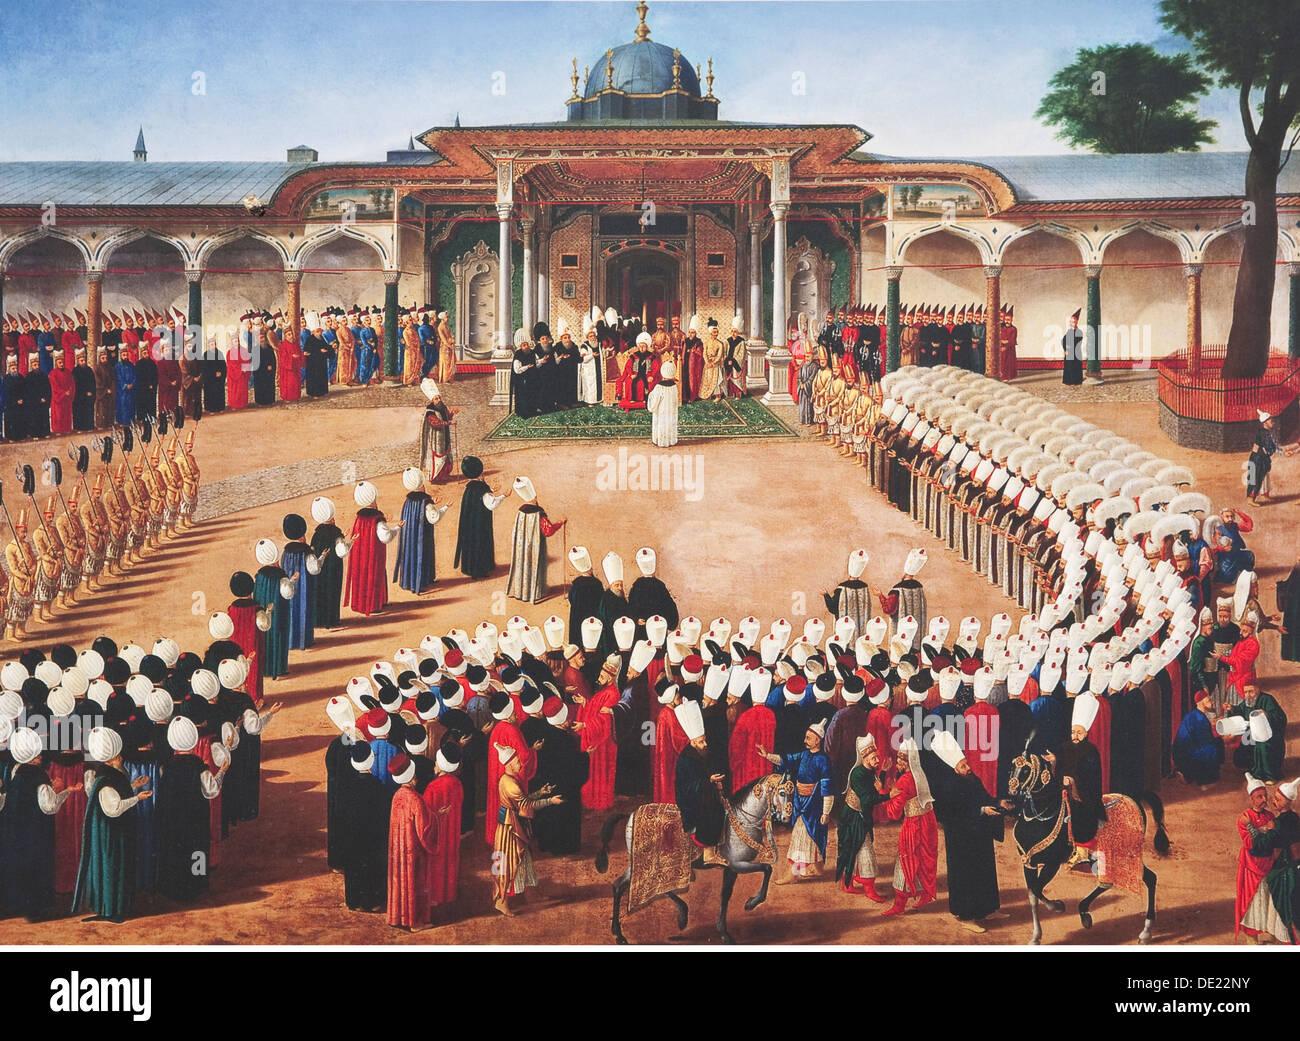 Belle arti, Impero Bizantino, il palazzo di Topkapi, pittura, Istanbul, artista del diritto d'autore non deve essere cancellata Immagini Stock